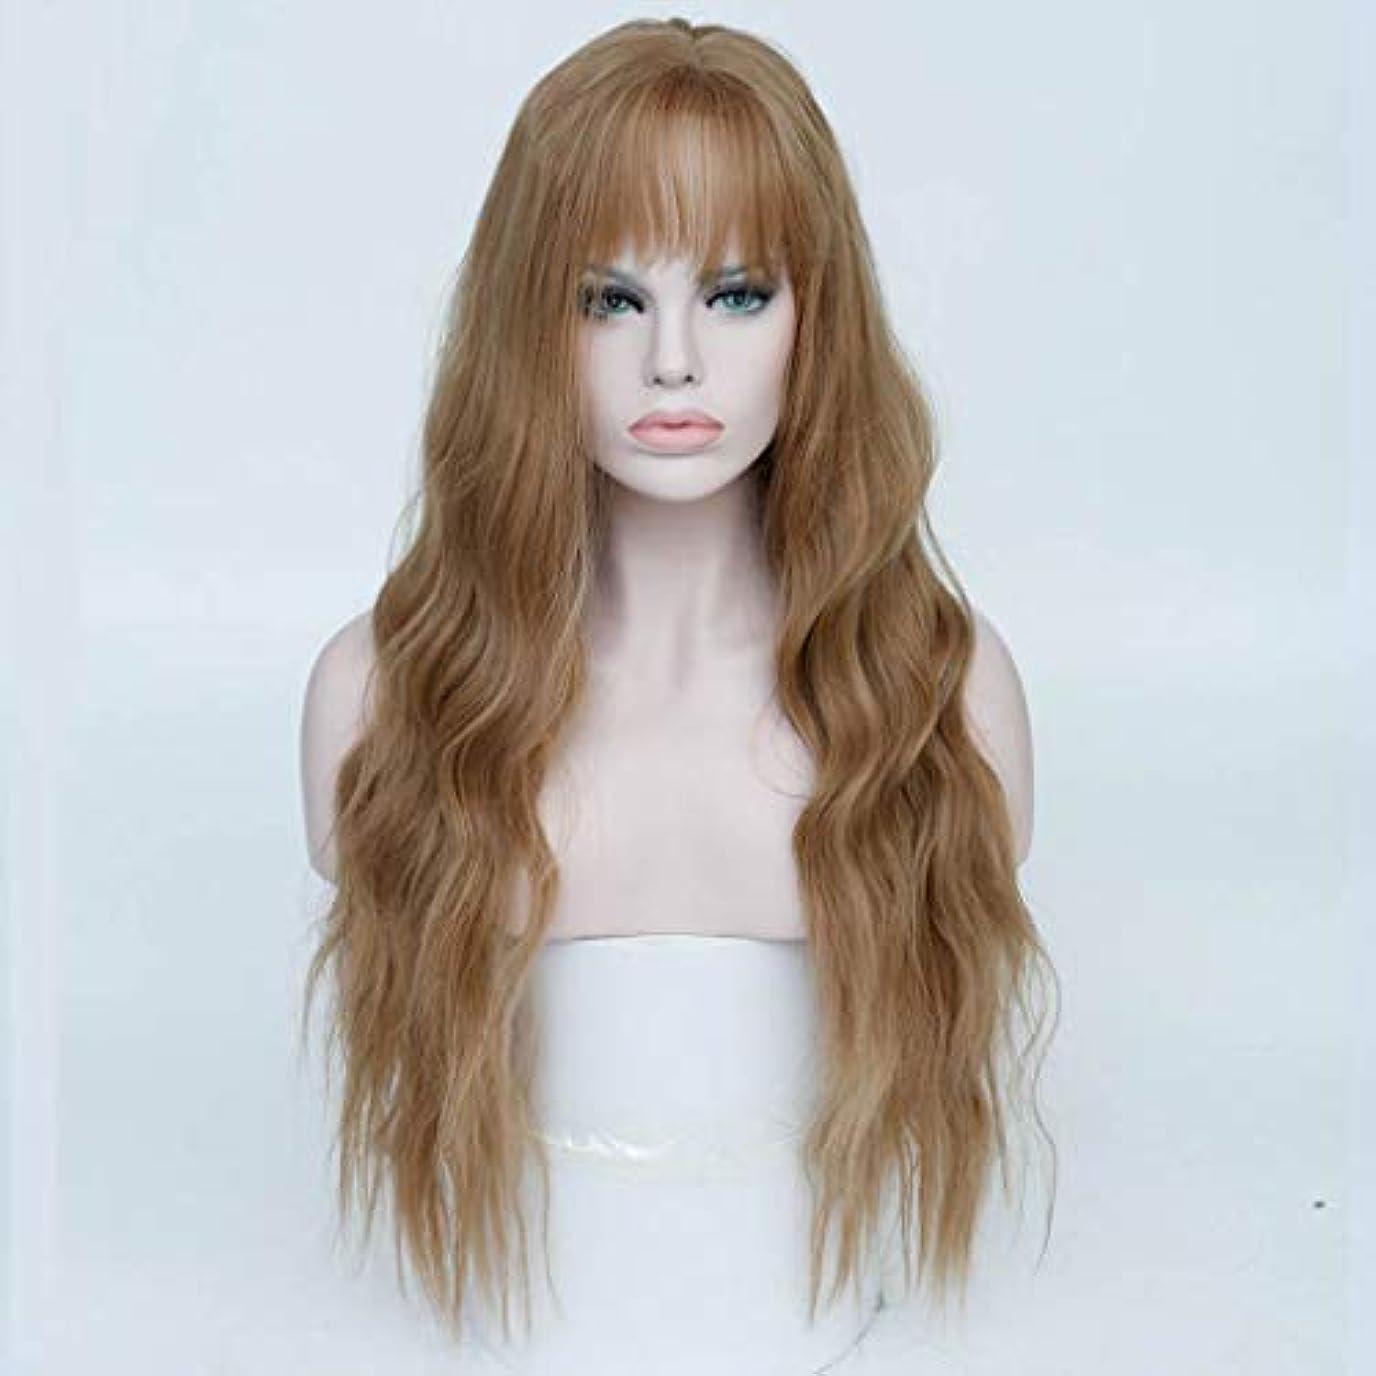 効果局失速リザイ 女性の耐熱性かつら、前髪の自然な波の長い巻き毛の耐熱性合成かつらを持つ女性ストロベリーブロンドオンブルライトブロンドのかつら26インチ